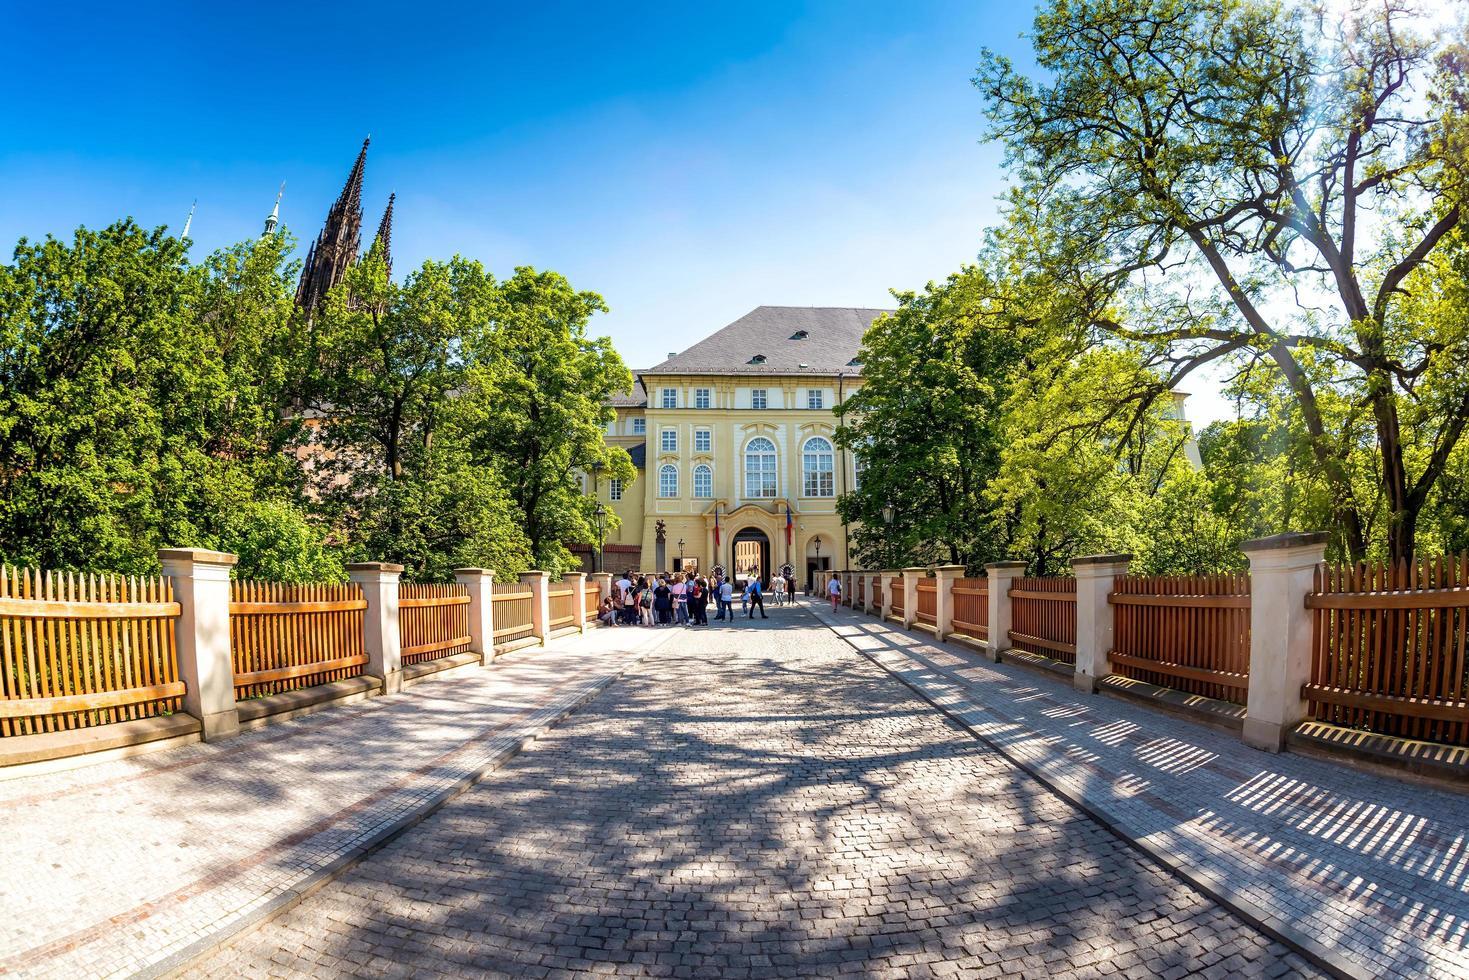 Praag, Tsjechië 2017 - toeristen en bewakers bij de ingang van het kasteel van Praag foto